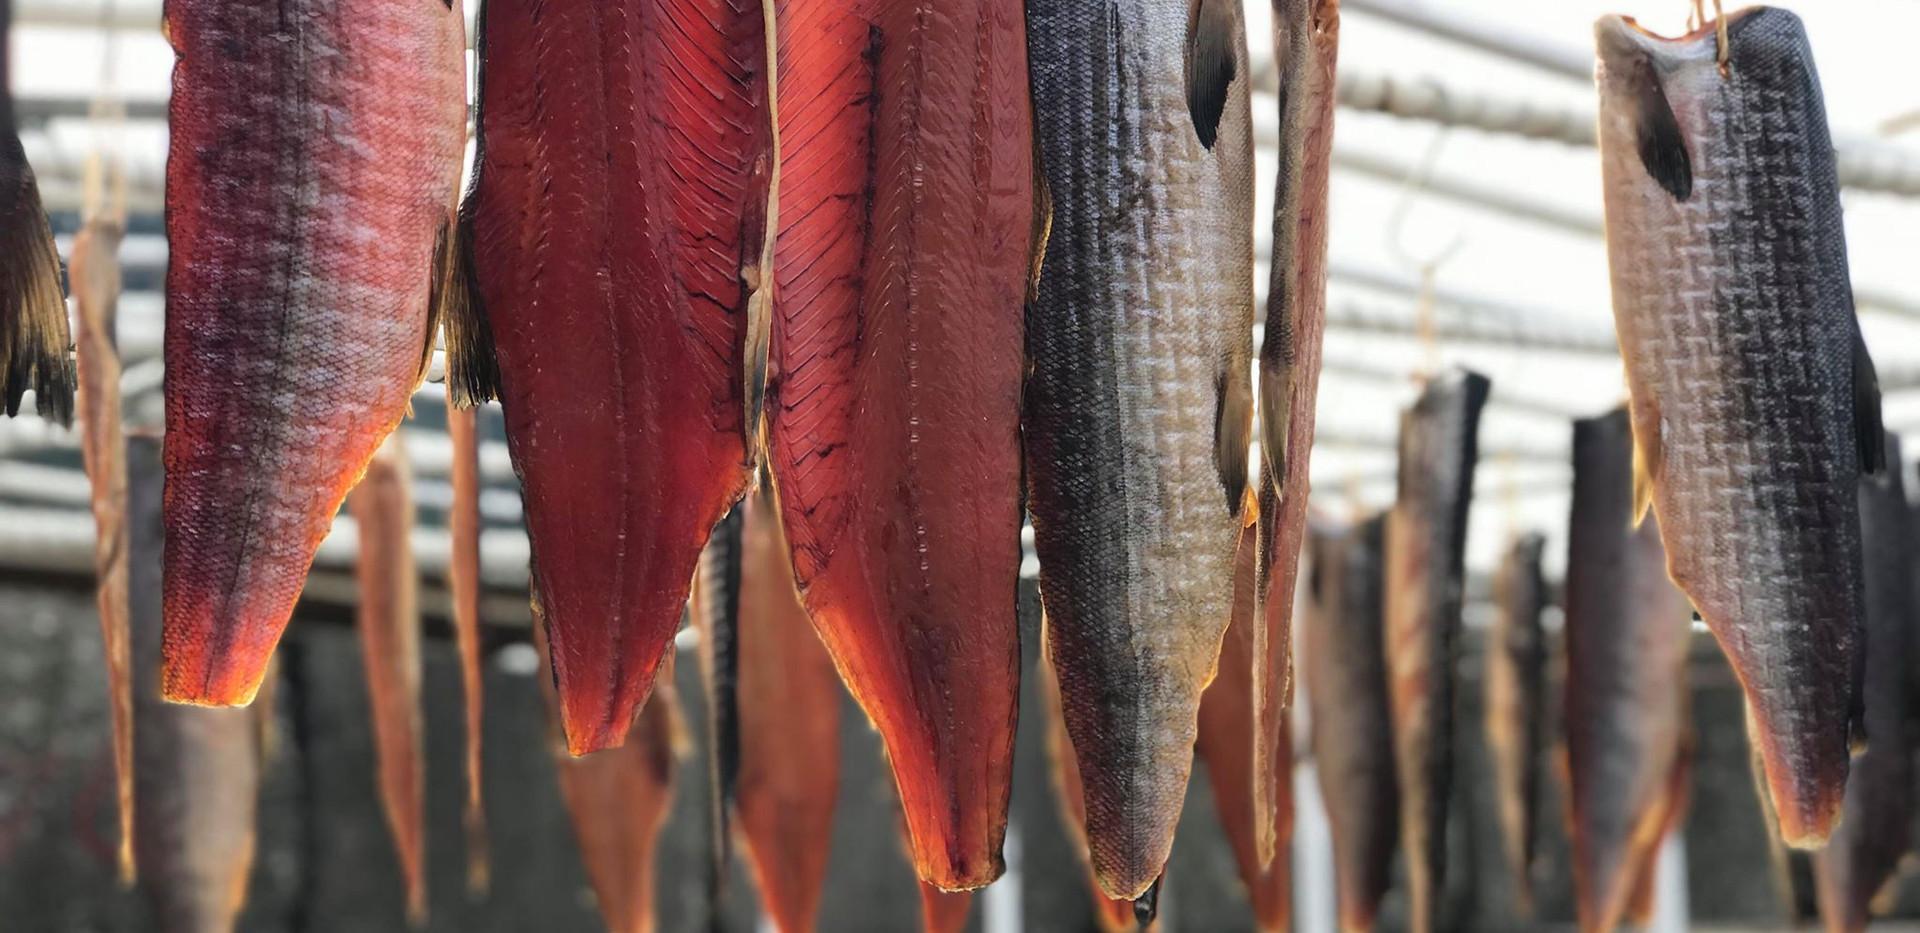 新潟 山北 塩引き鮭 コド漁